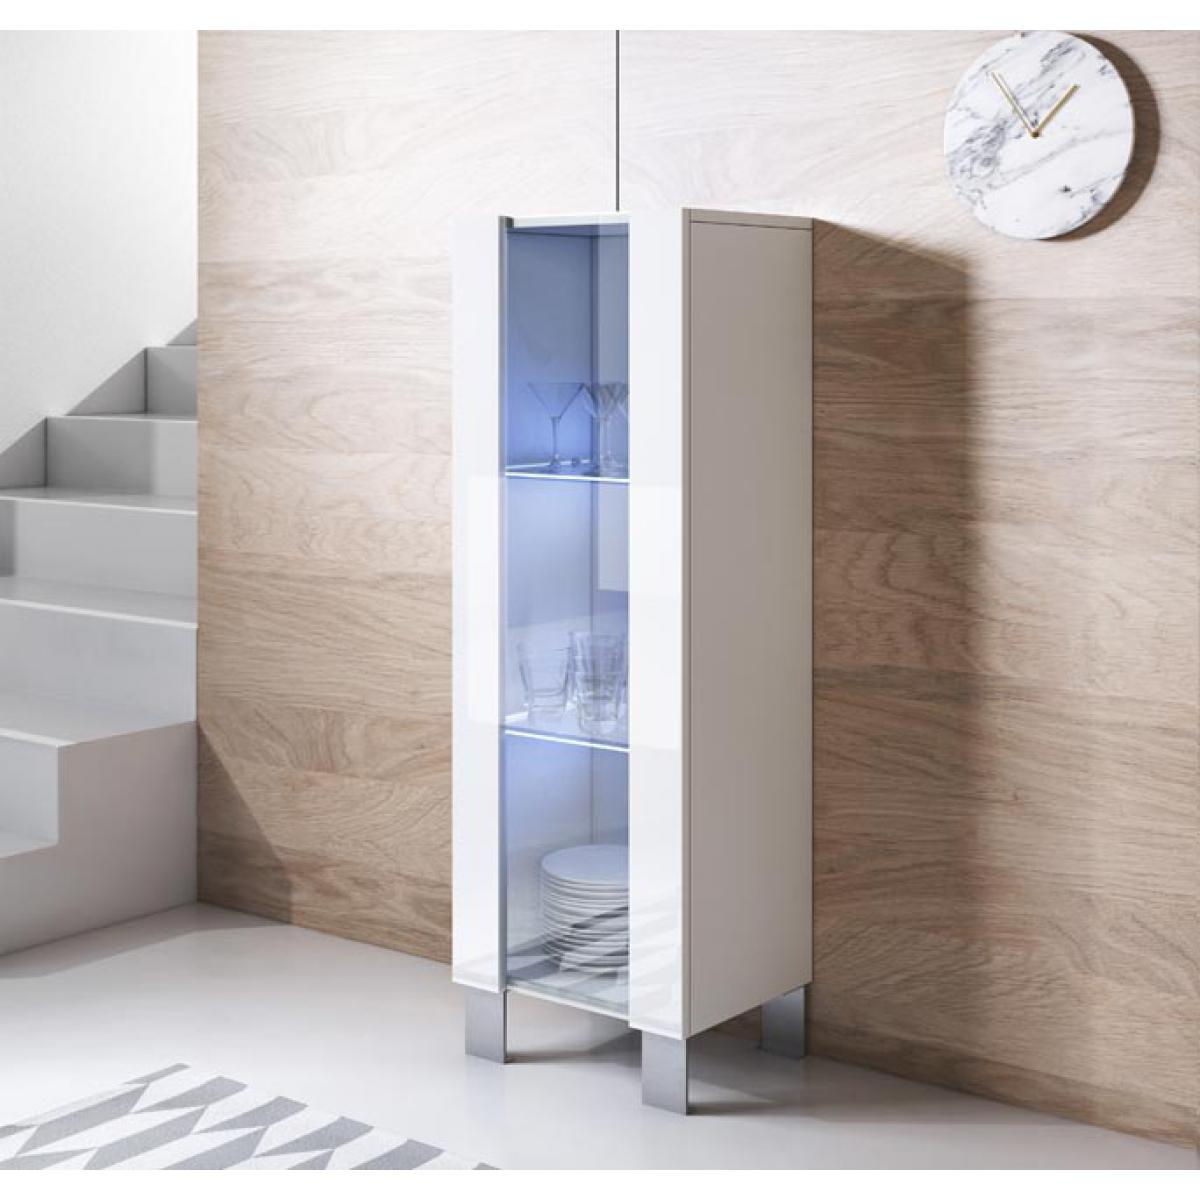 Design Ameublement Vitrine modèle Luke V2 (40x138cm) couleur blanc avec pieds en aluminium